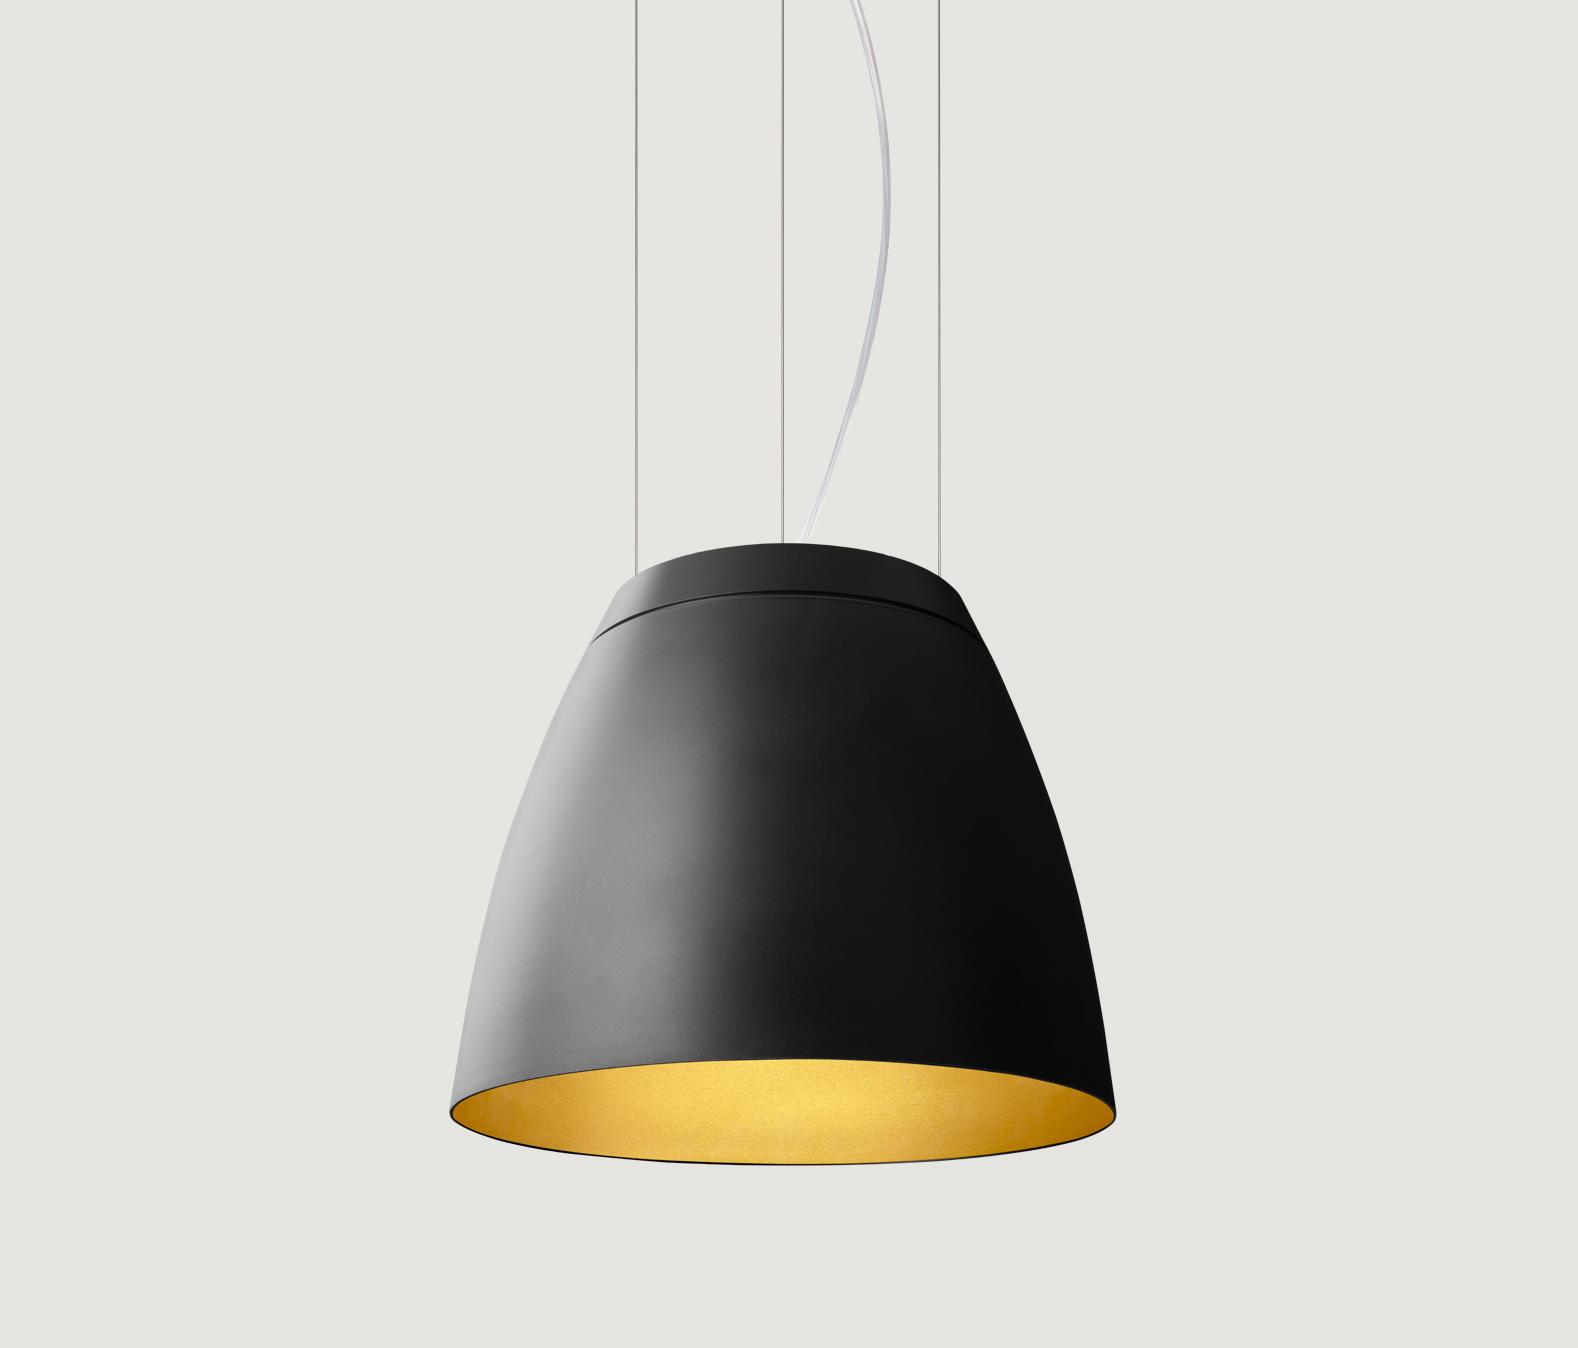 Lampade comodino ikea excellent uguali di cubo realizzato in alluminio with lampade comodino - Cappelli per lampade da tavolo ...